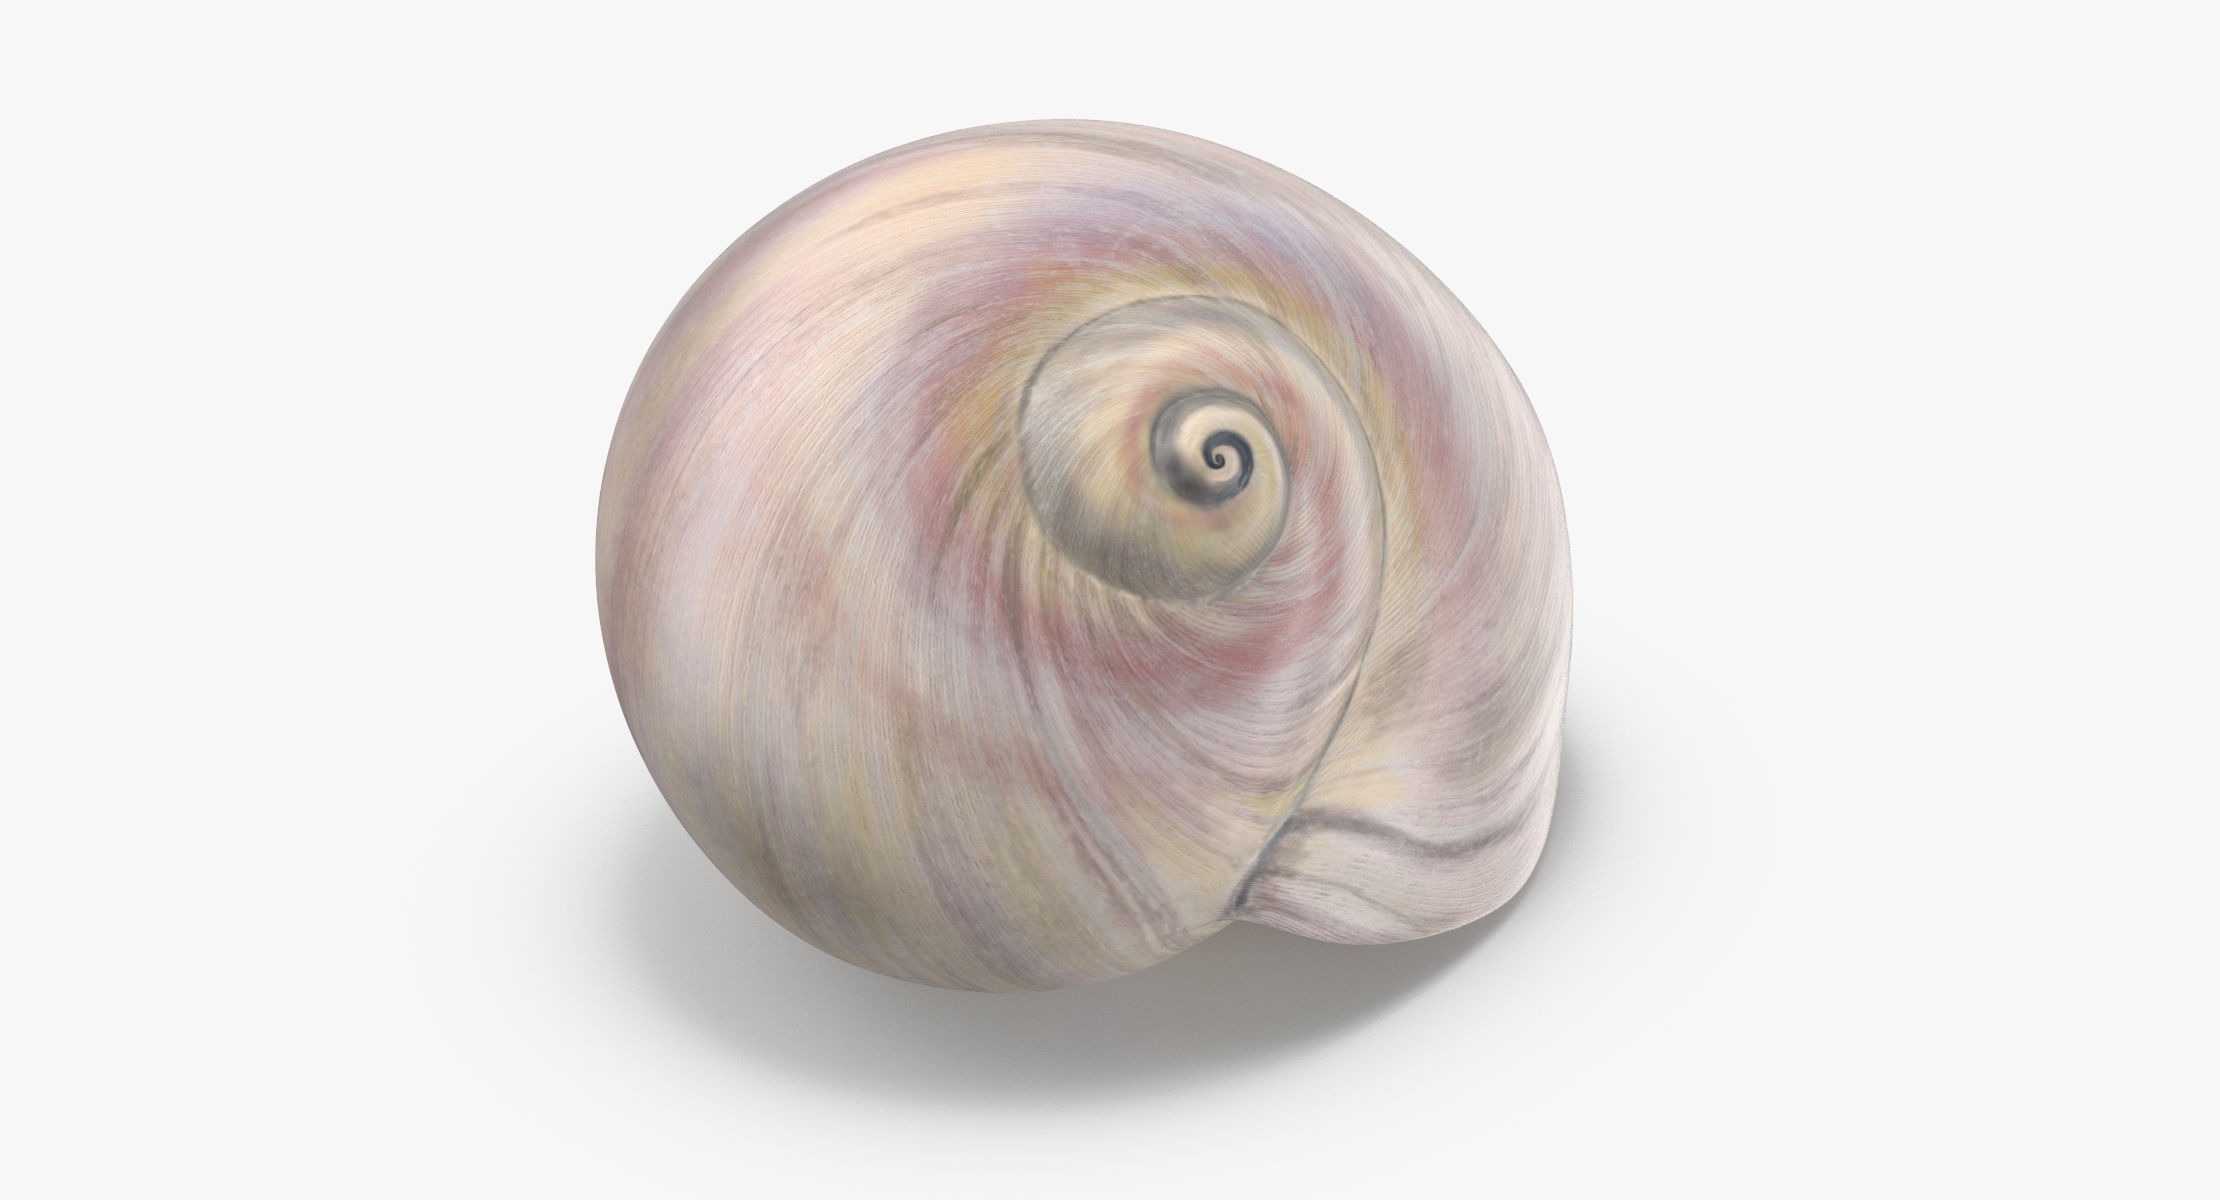 Sharkeye Moon Shell - reel 1